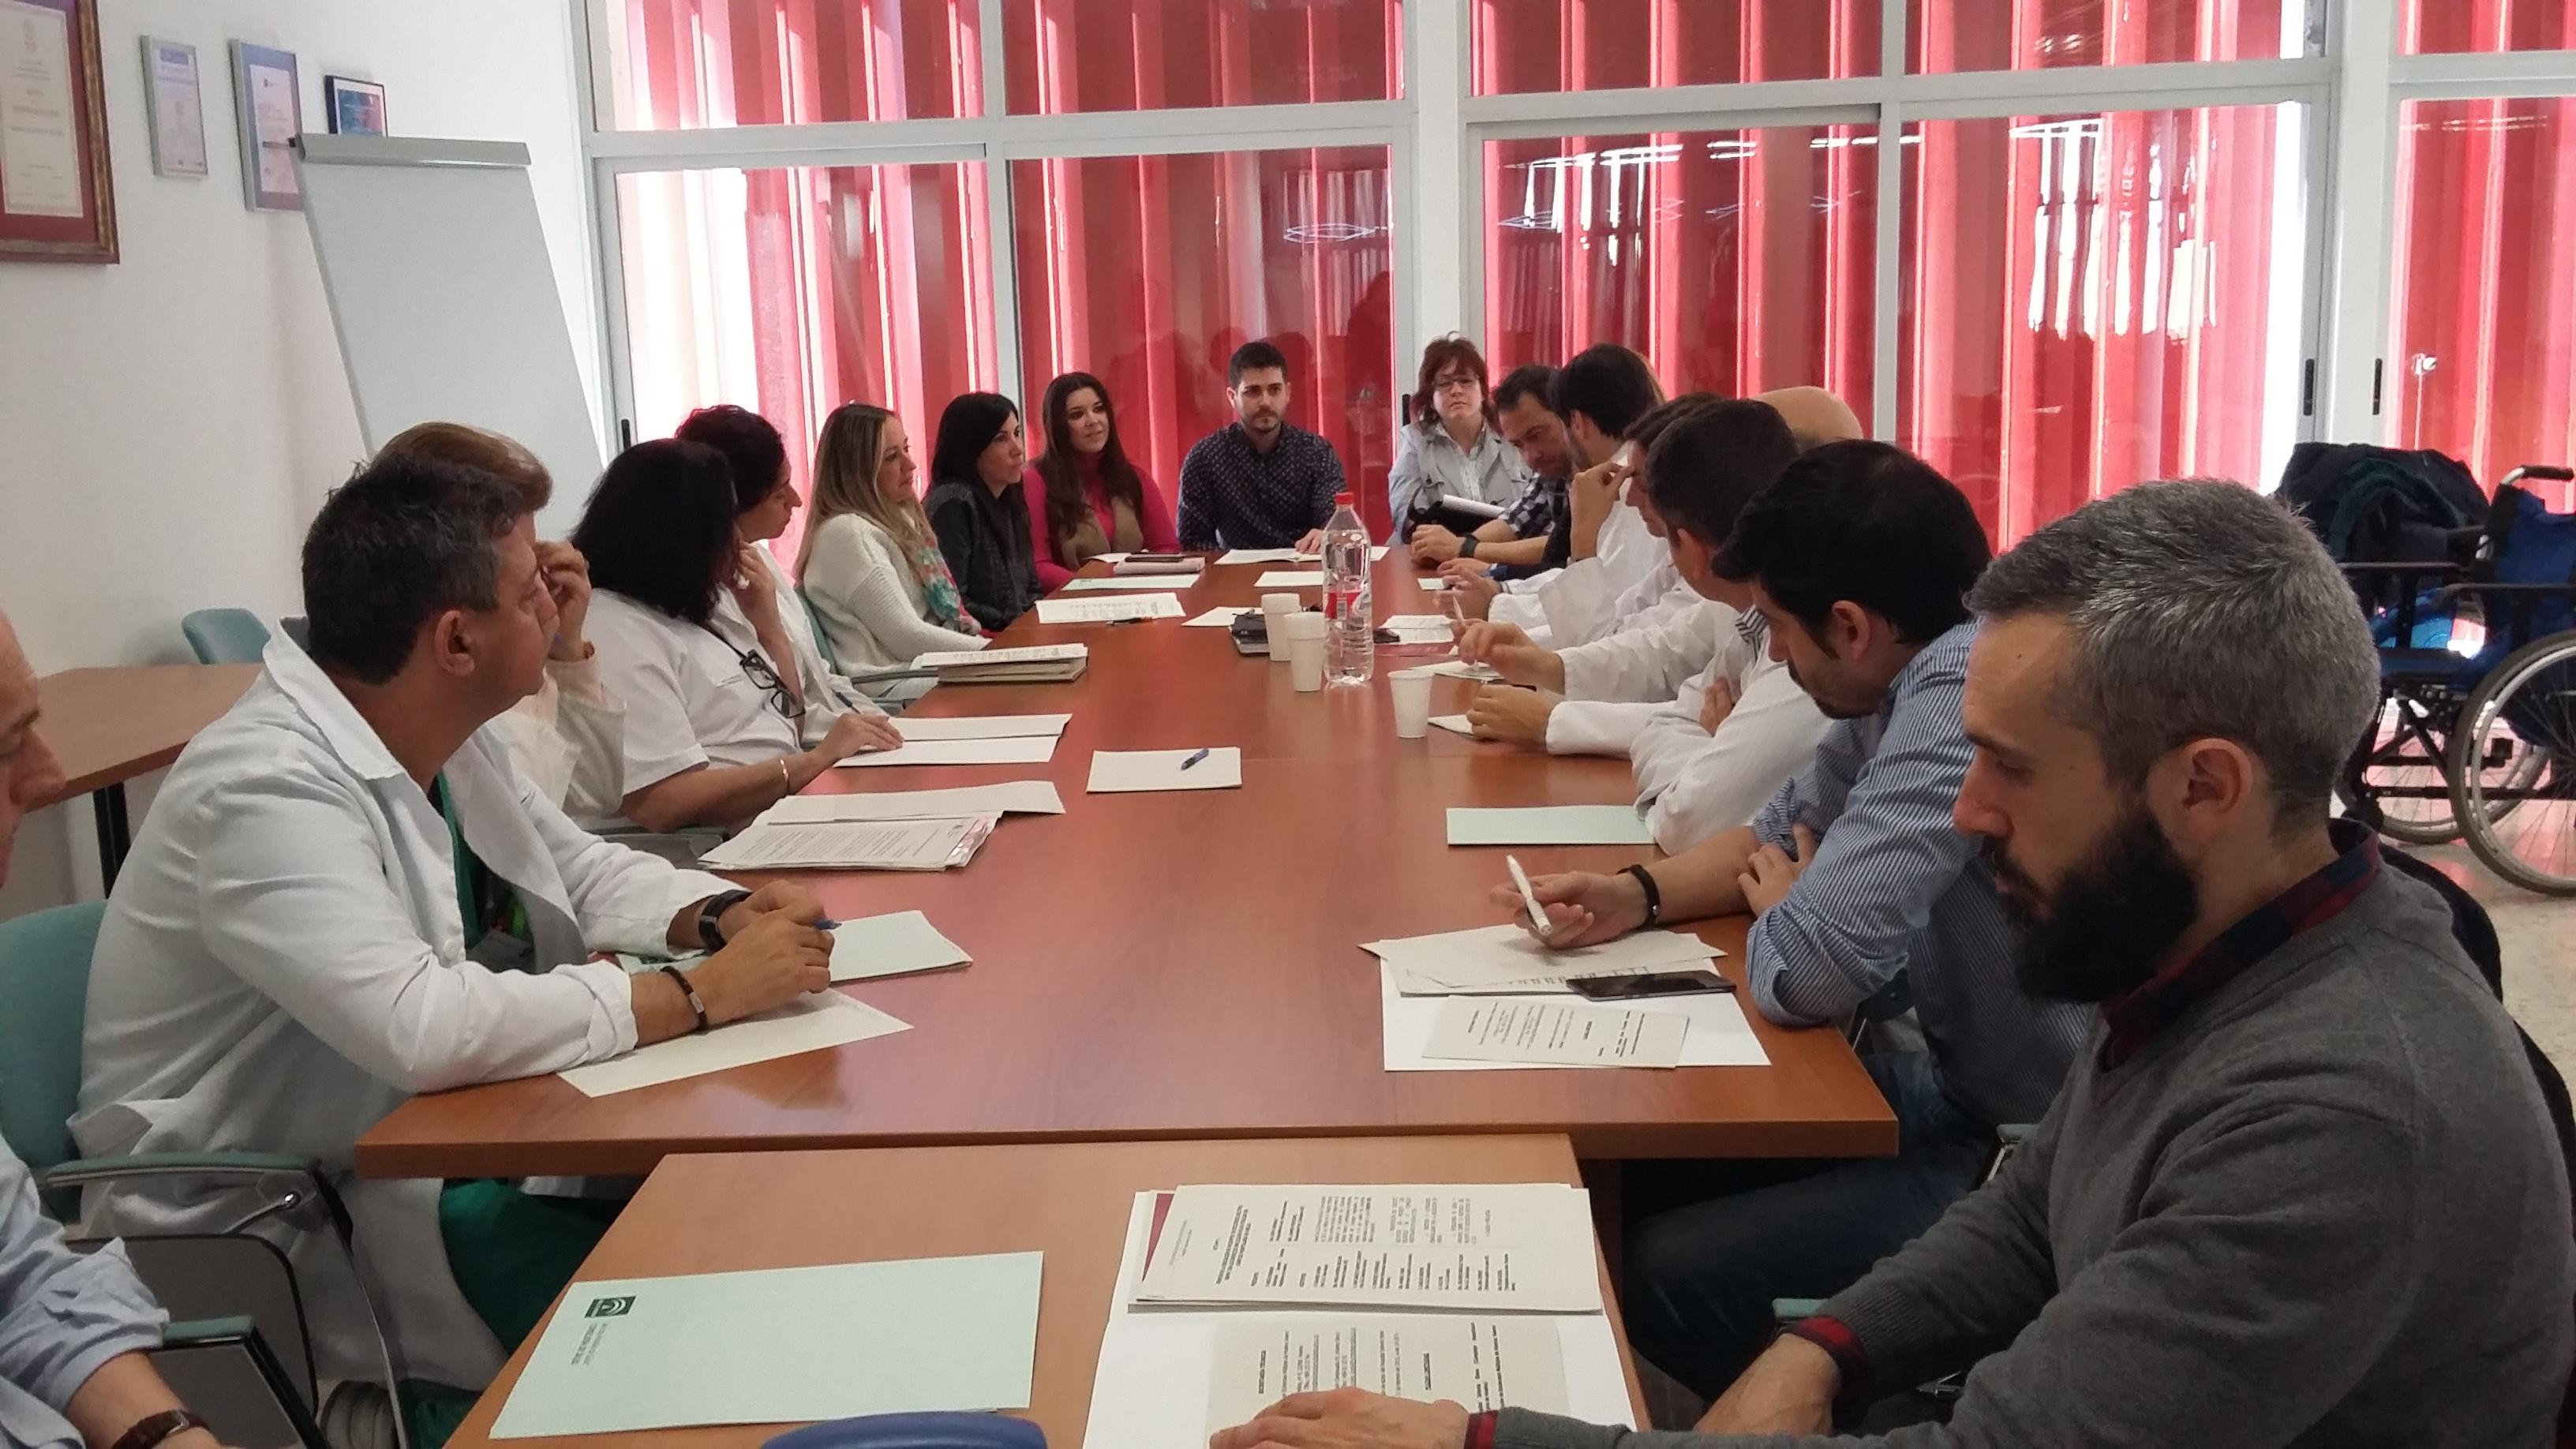 Profesionales referentes de aquellas especialidades del Complejo Hospitalario Universitario de Huelva que atienden a pacientes diagnosticados con esclerosis múltiple se han reunido en la jornada de hoy en el salón de actos del Hospital Infanta Elena, dentro del grupo de trabajo constituido con la asociación de pacientes en Huelva ADEMO.